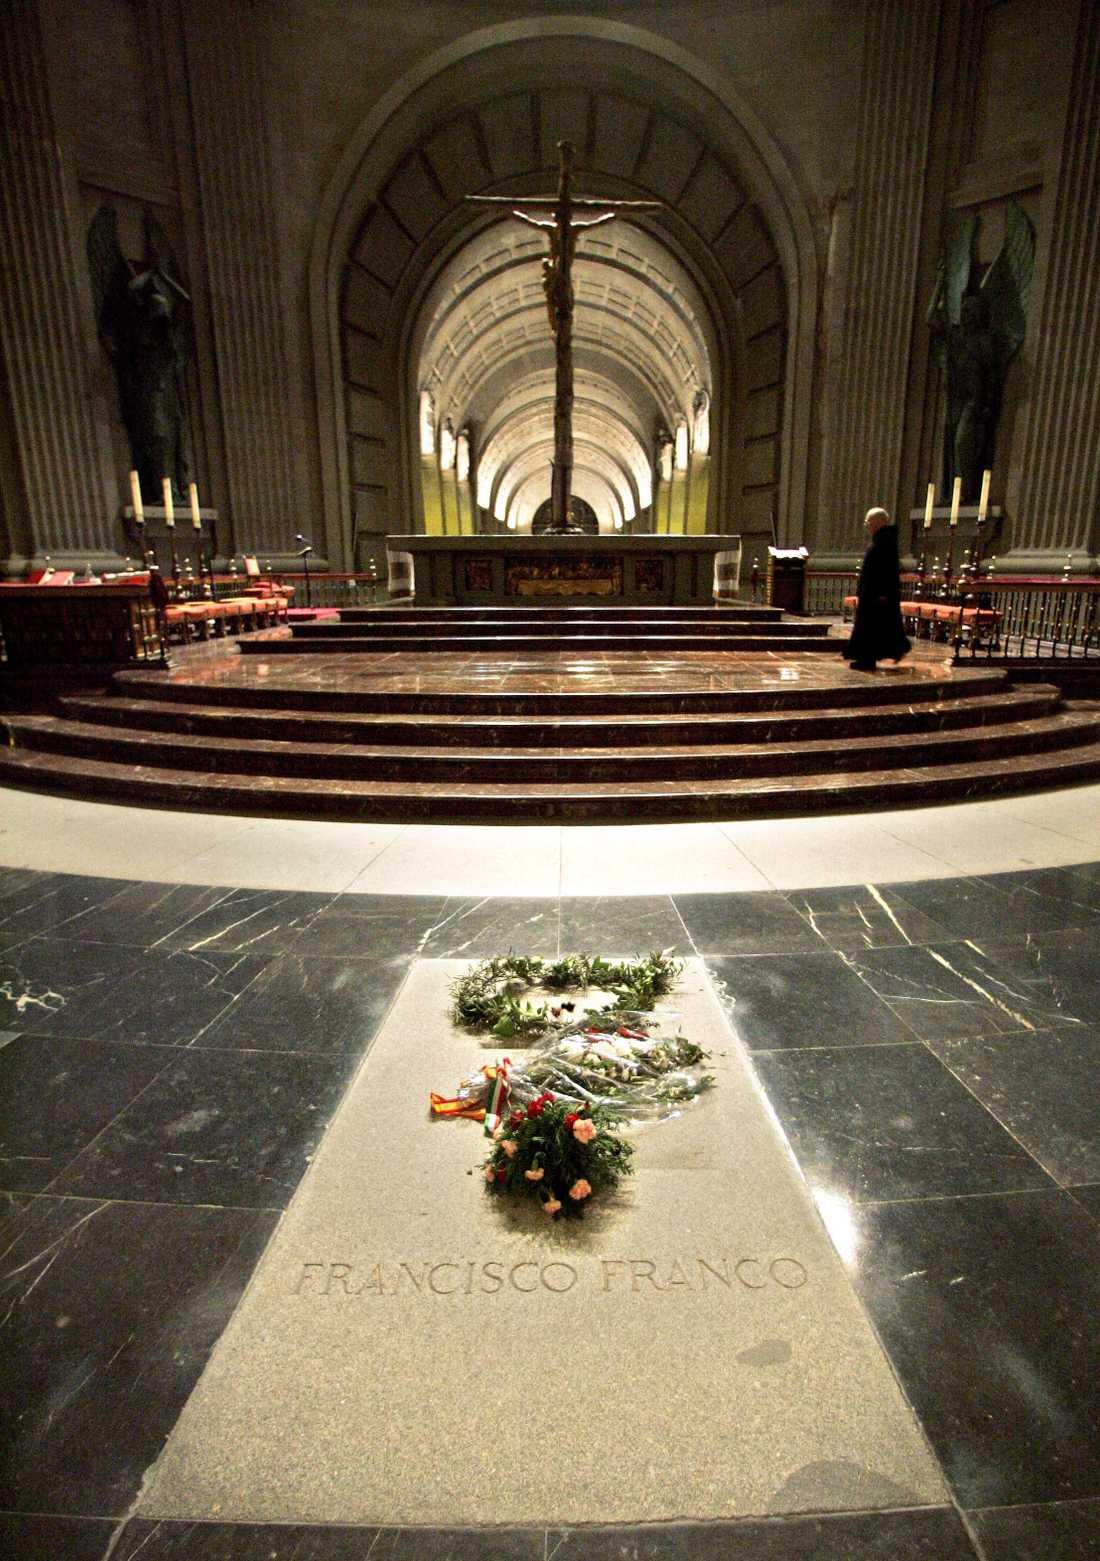 Blommor på Francos gravsten i mausoleet i Valle de los Caídos utanför Madrid. Nu flyttas kvarlevorna till en mer diskret plats. Arkivbild.